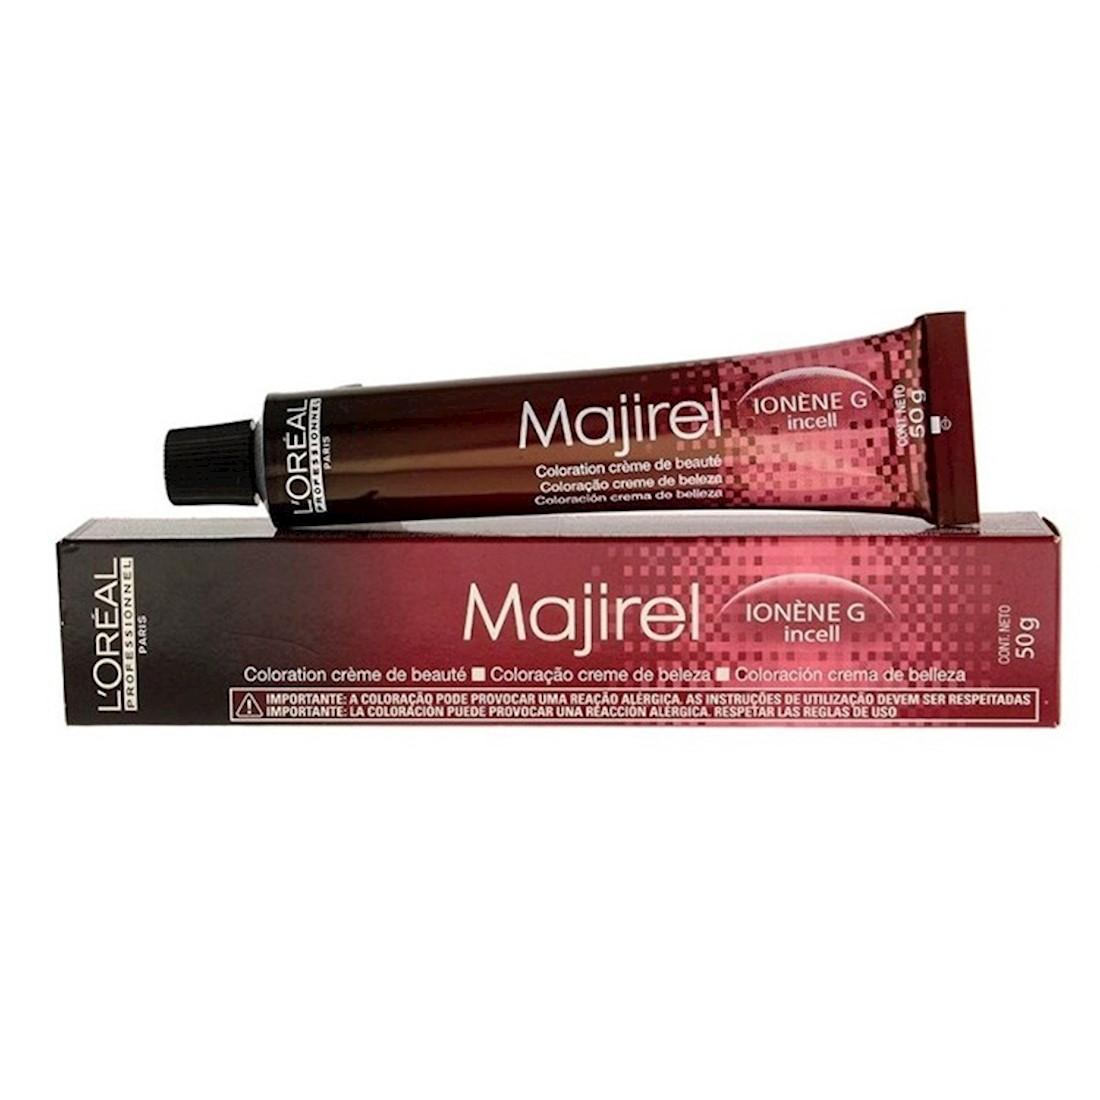 Coloração Majirel 9,22 (Louro muito claro Irisado) da L'Oreal 50g